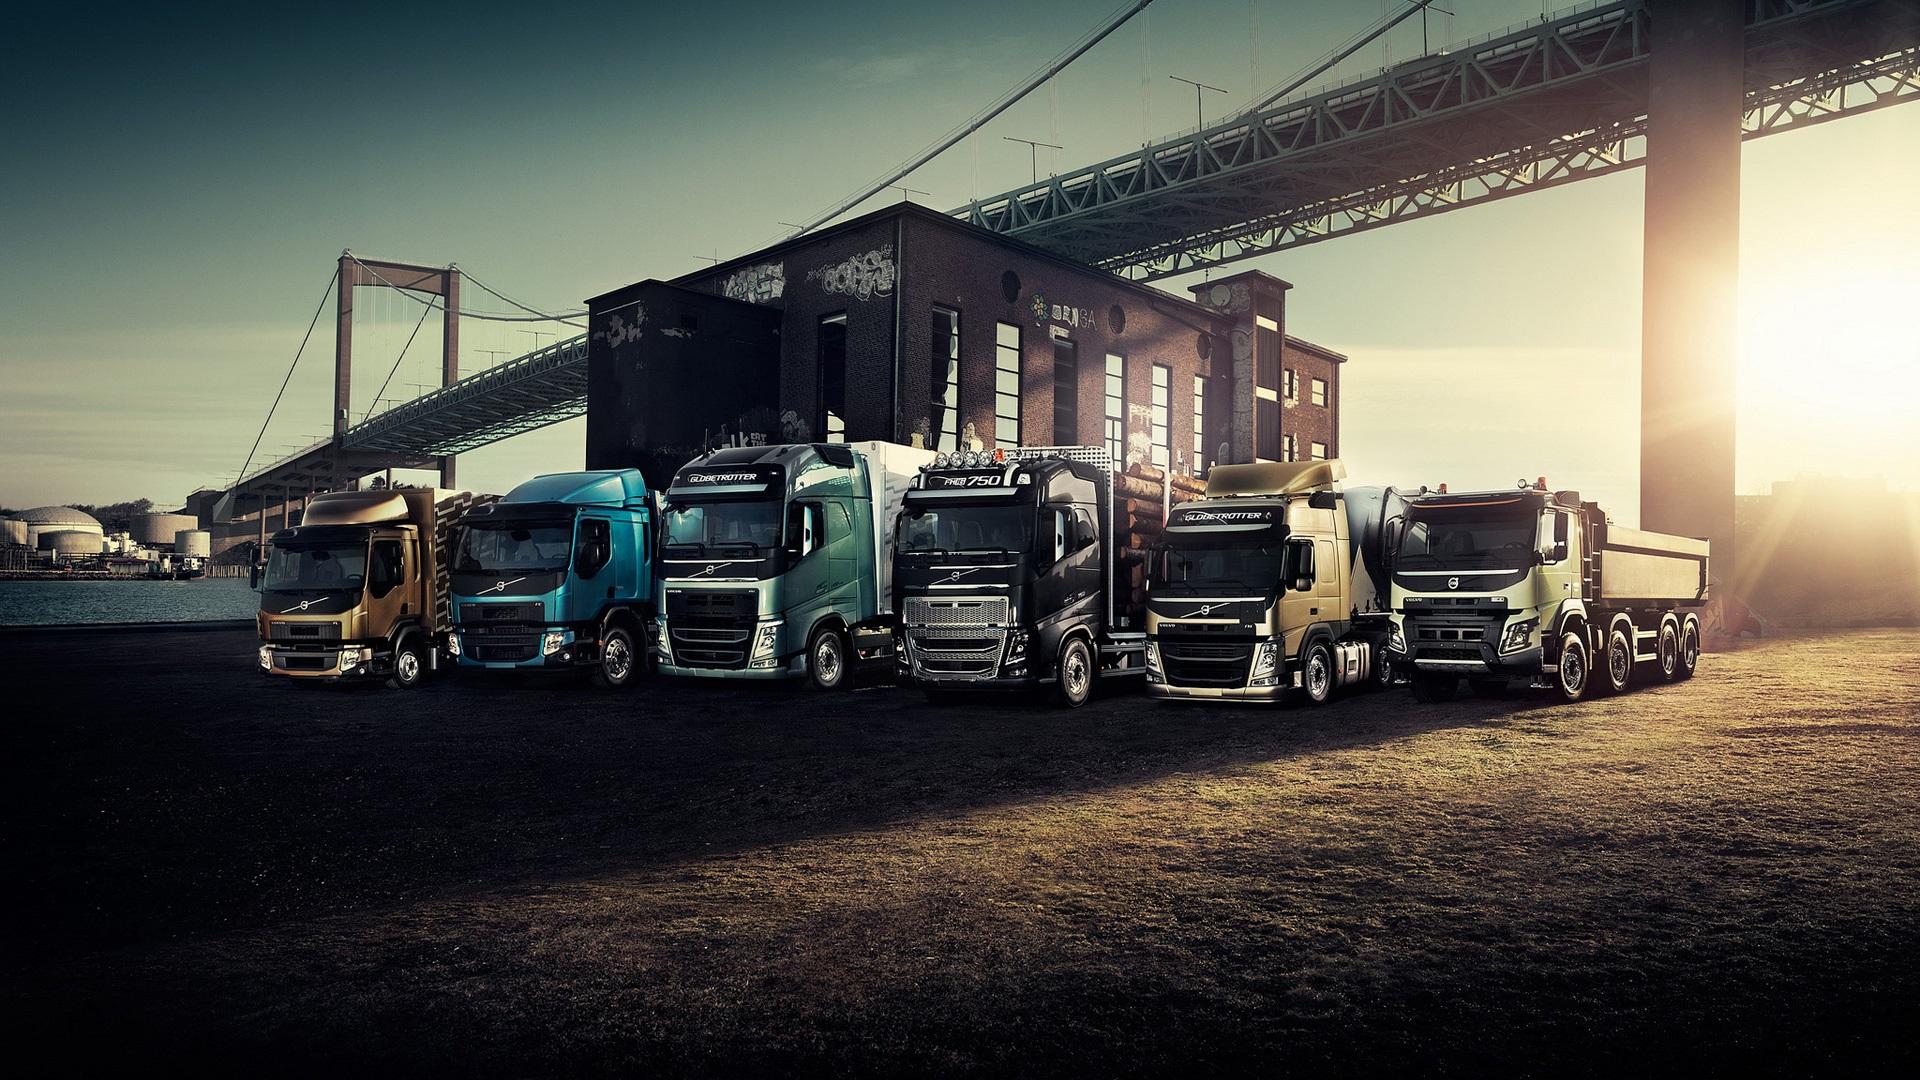 Download Hintergrundbilder 1920x1080 Full Hd Volvo Lkw